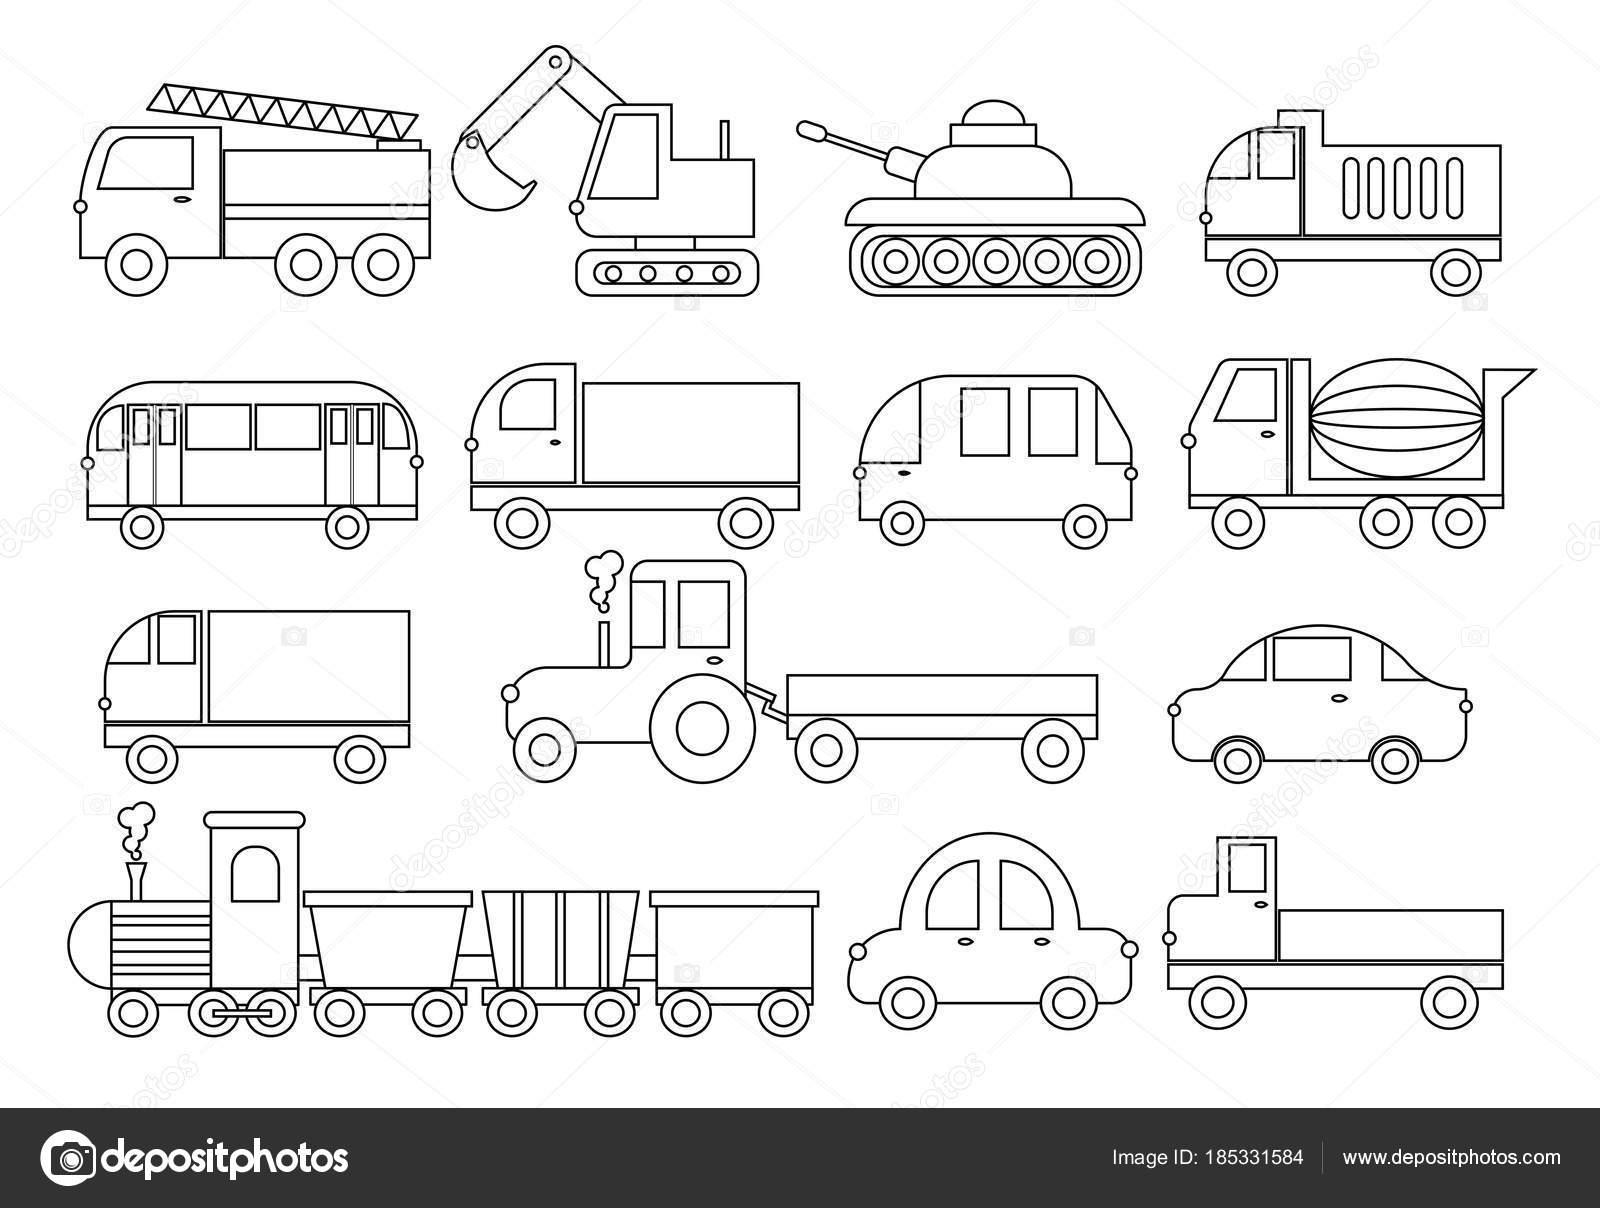 Coloriage Camion Tracteur.Livre De Coloriage Coffret De Transport Voiture Bus Train